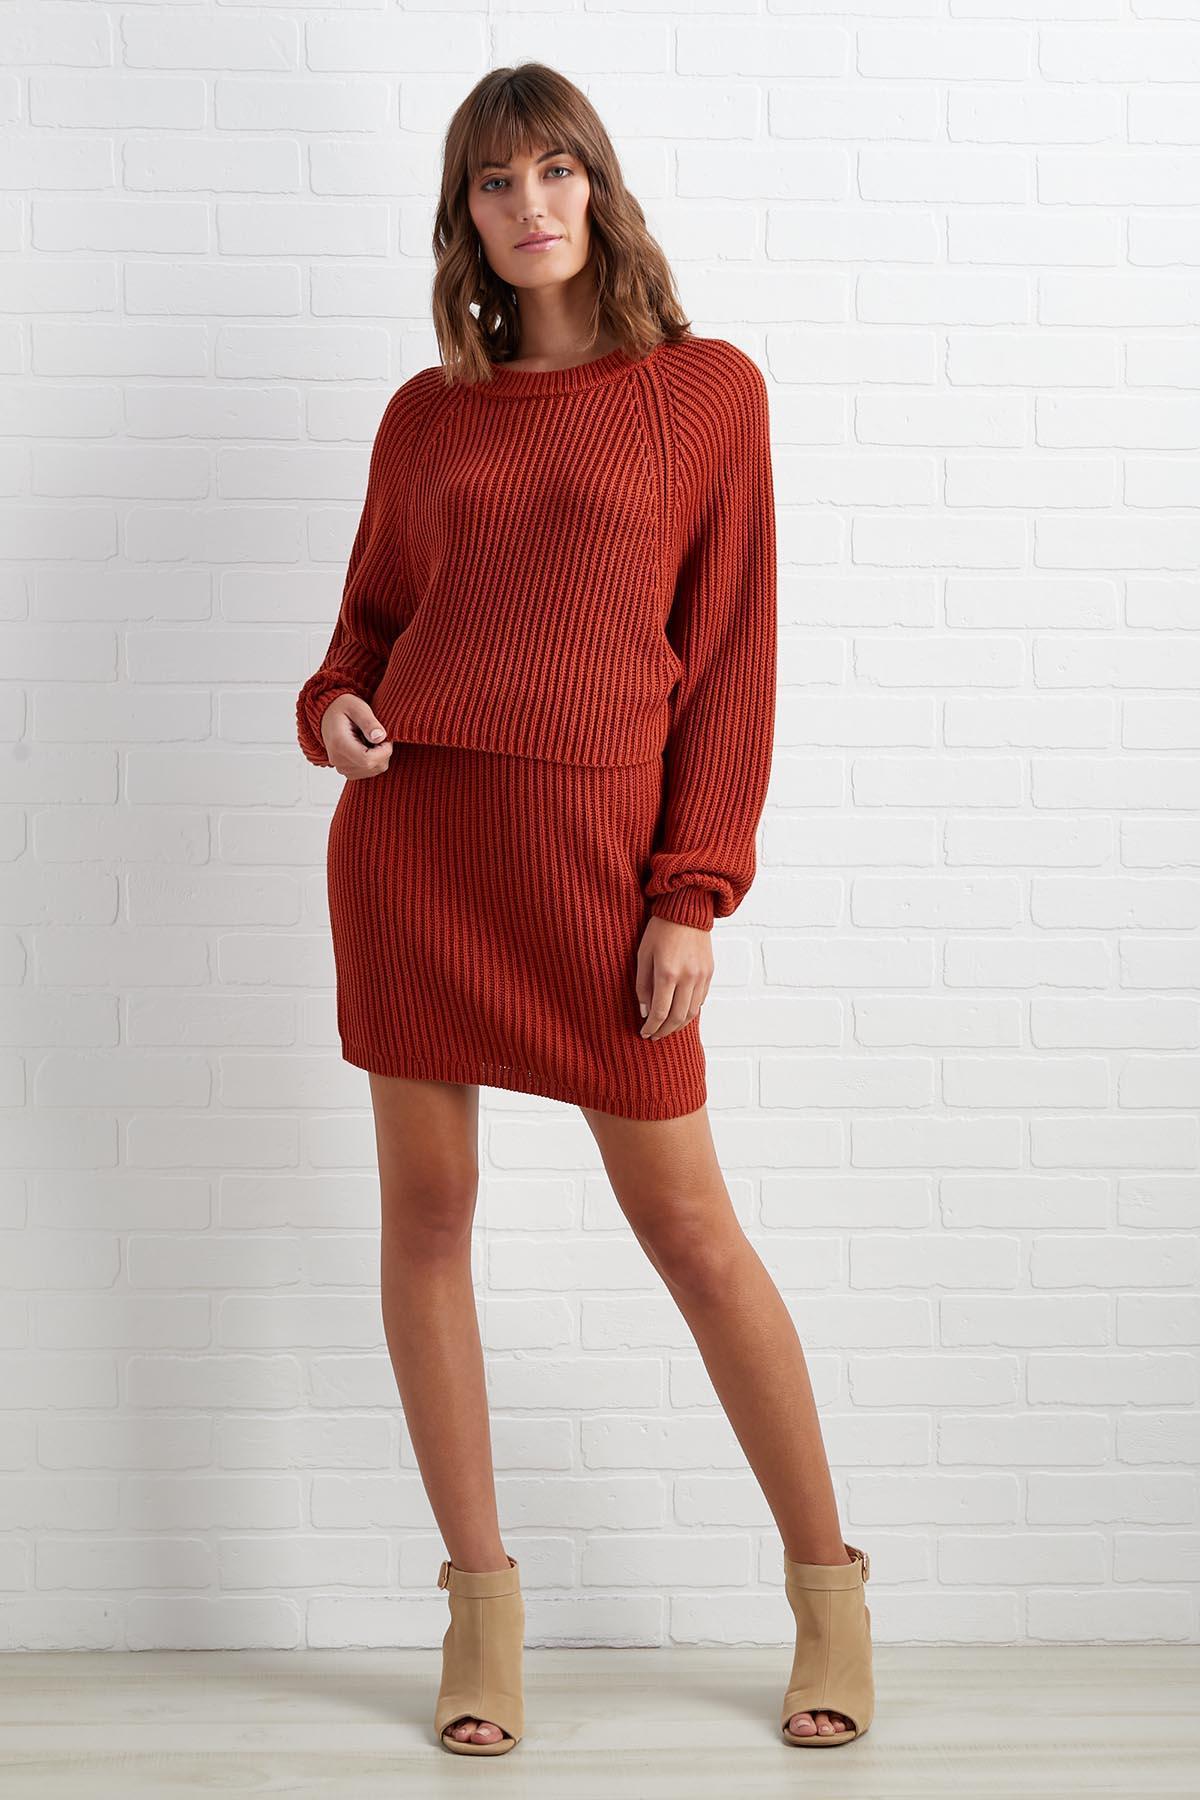 Fall Semester Sweater